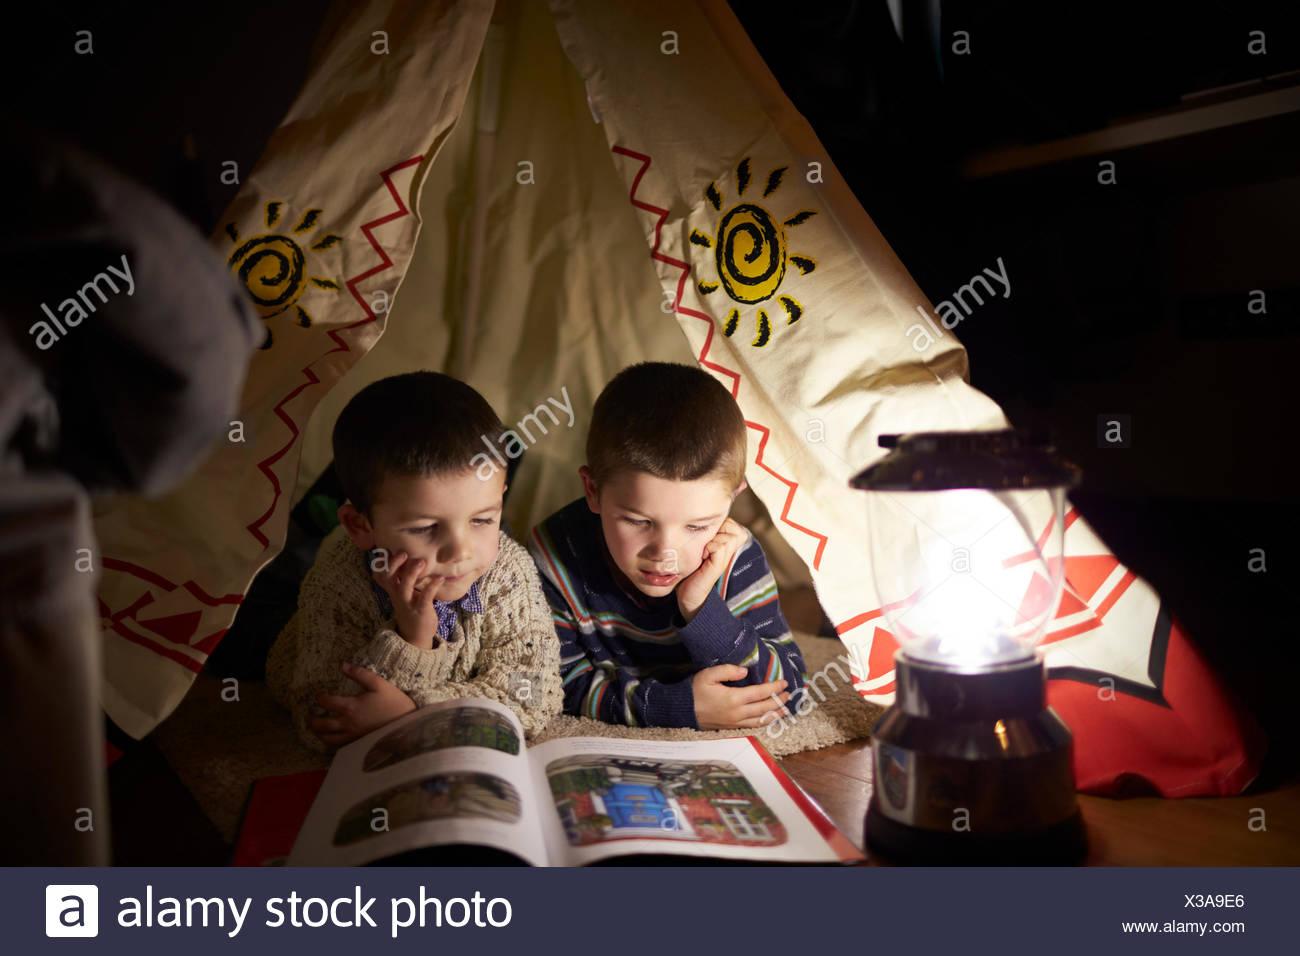 Dos chicos Leer adentro tienda de campaña establecido en interiores Imagen De Stock